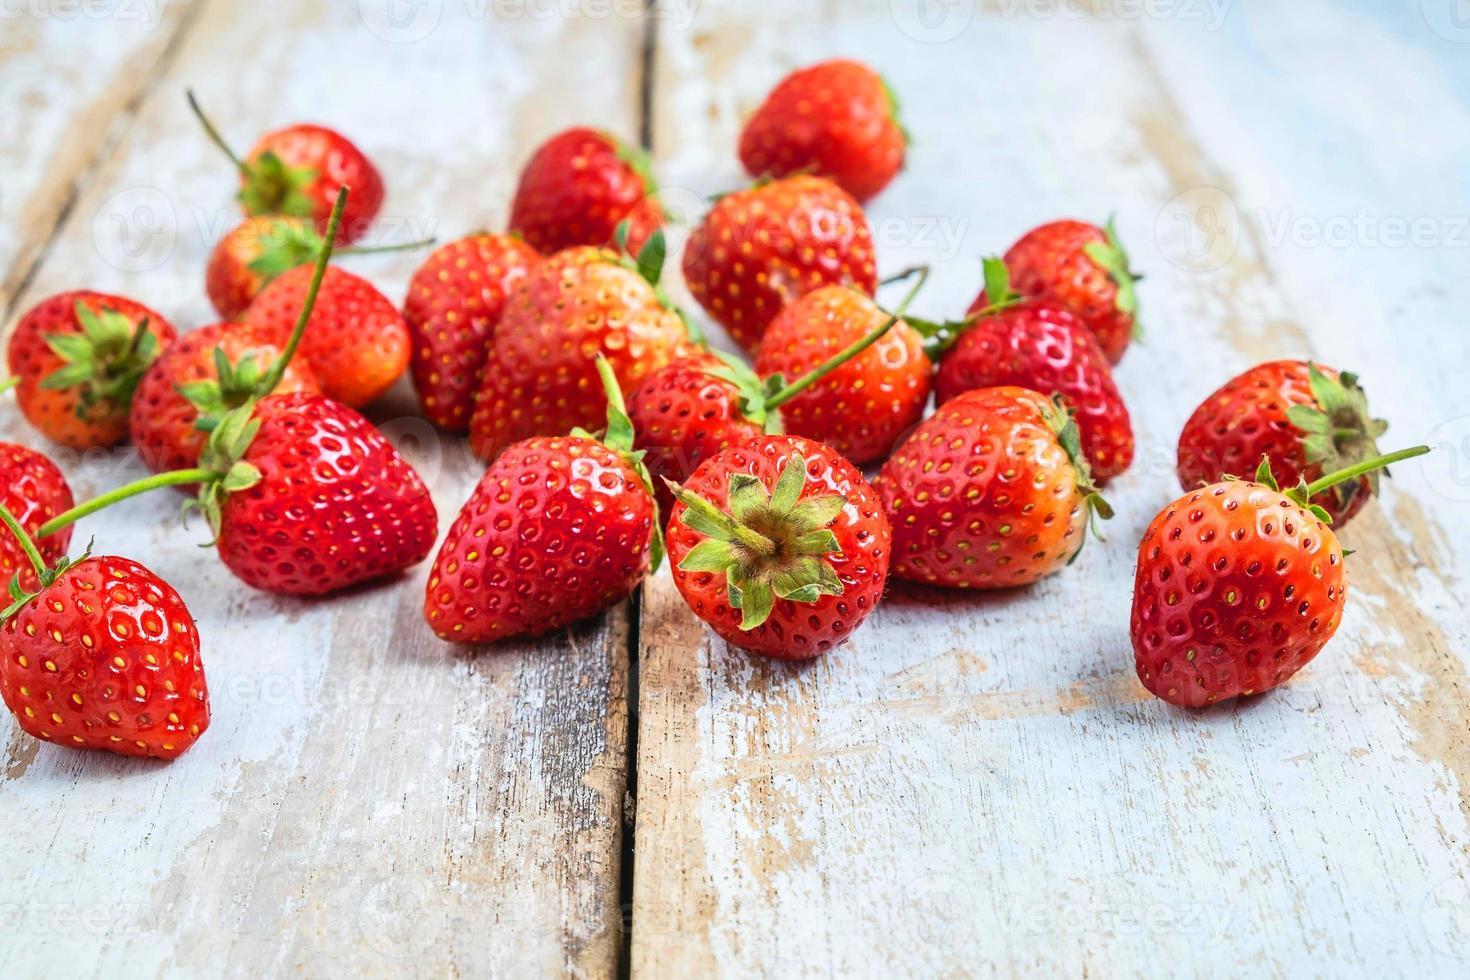 fresas frescas en una mesa de madera foto